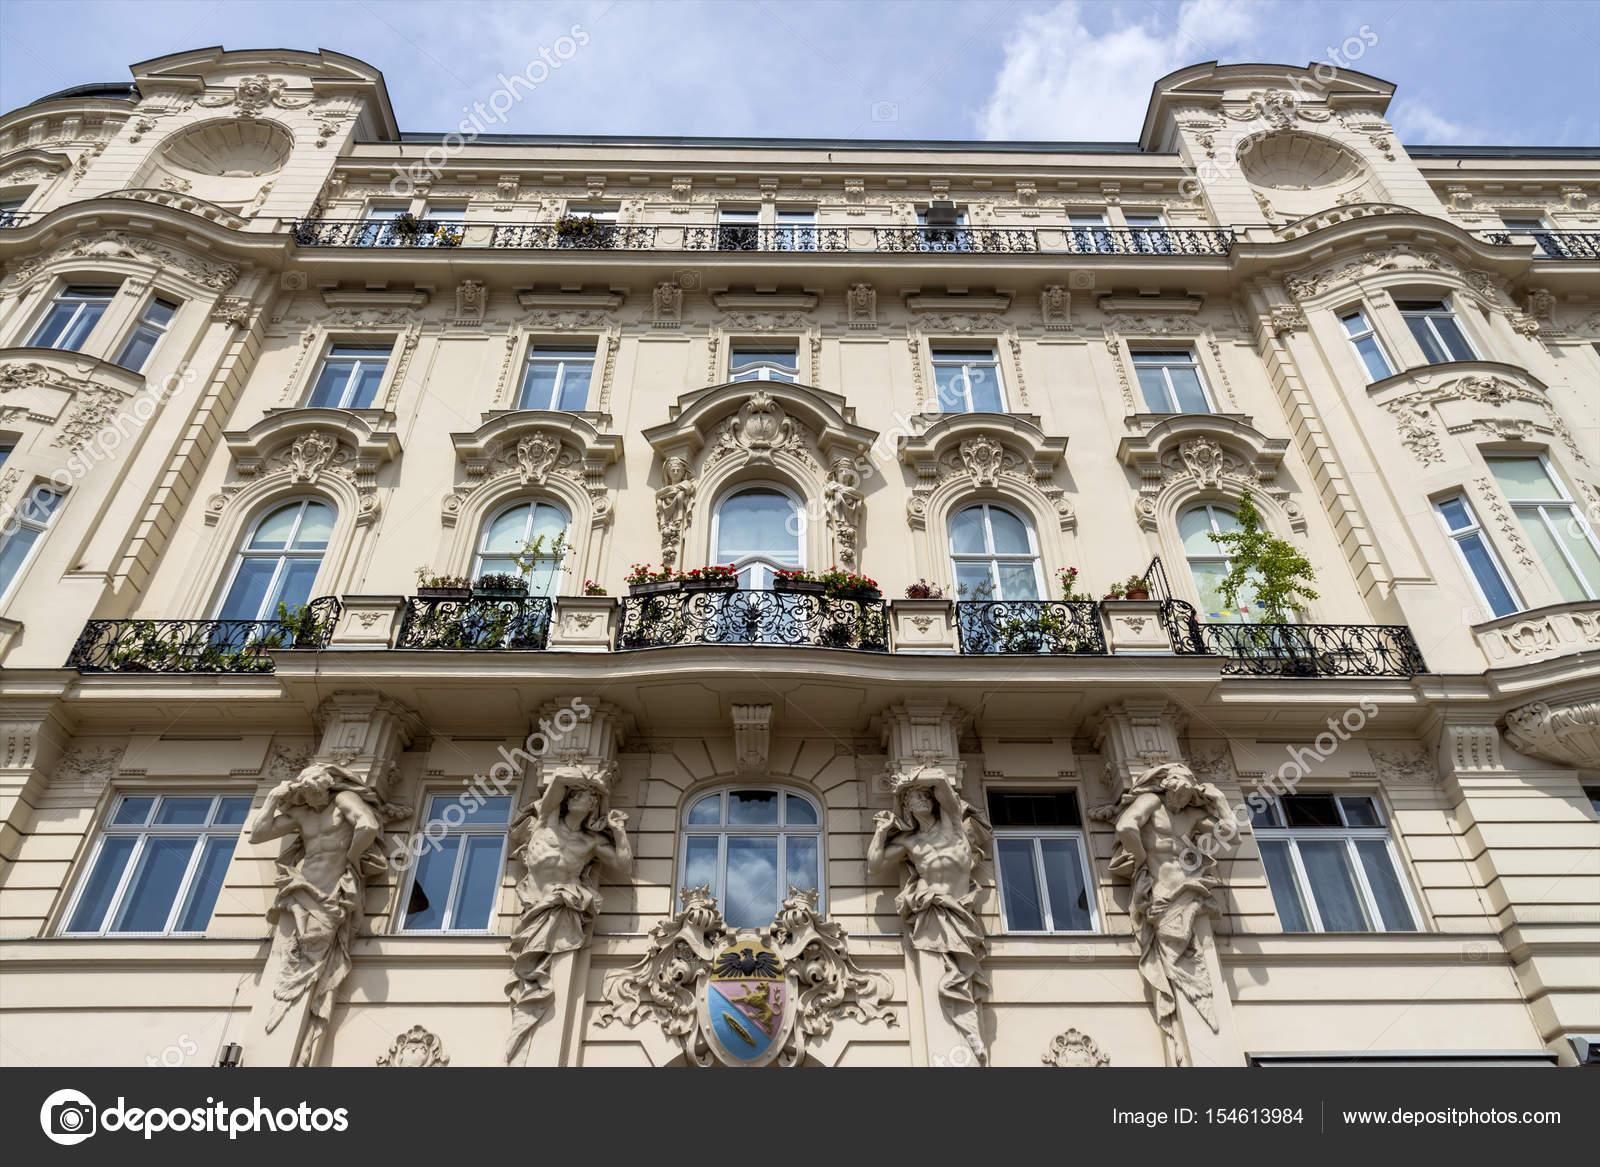 Austria vienna. on naschmarktstehen several beautiful art nouveau building.  — Photo by ginasanders